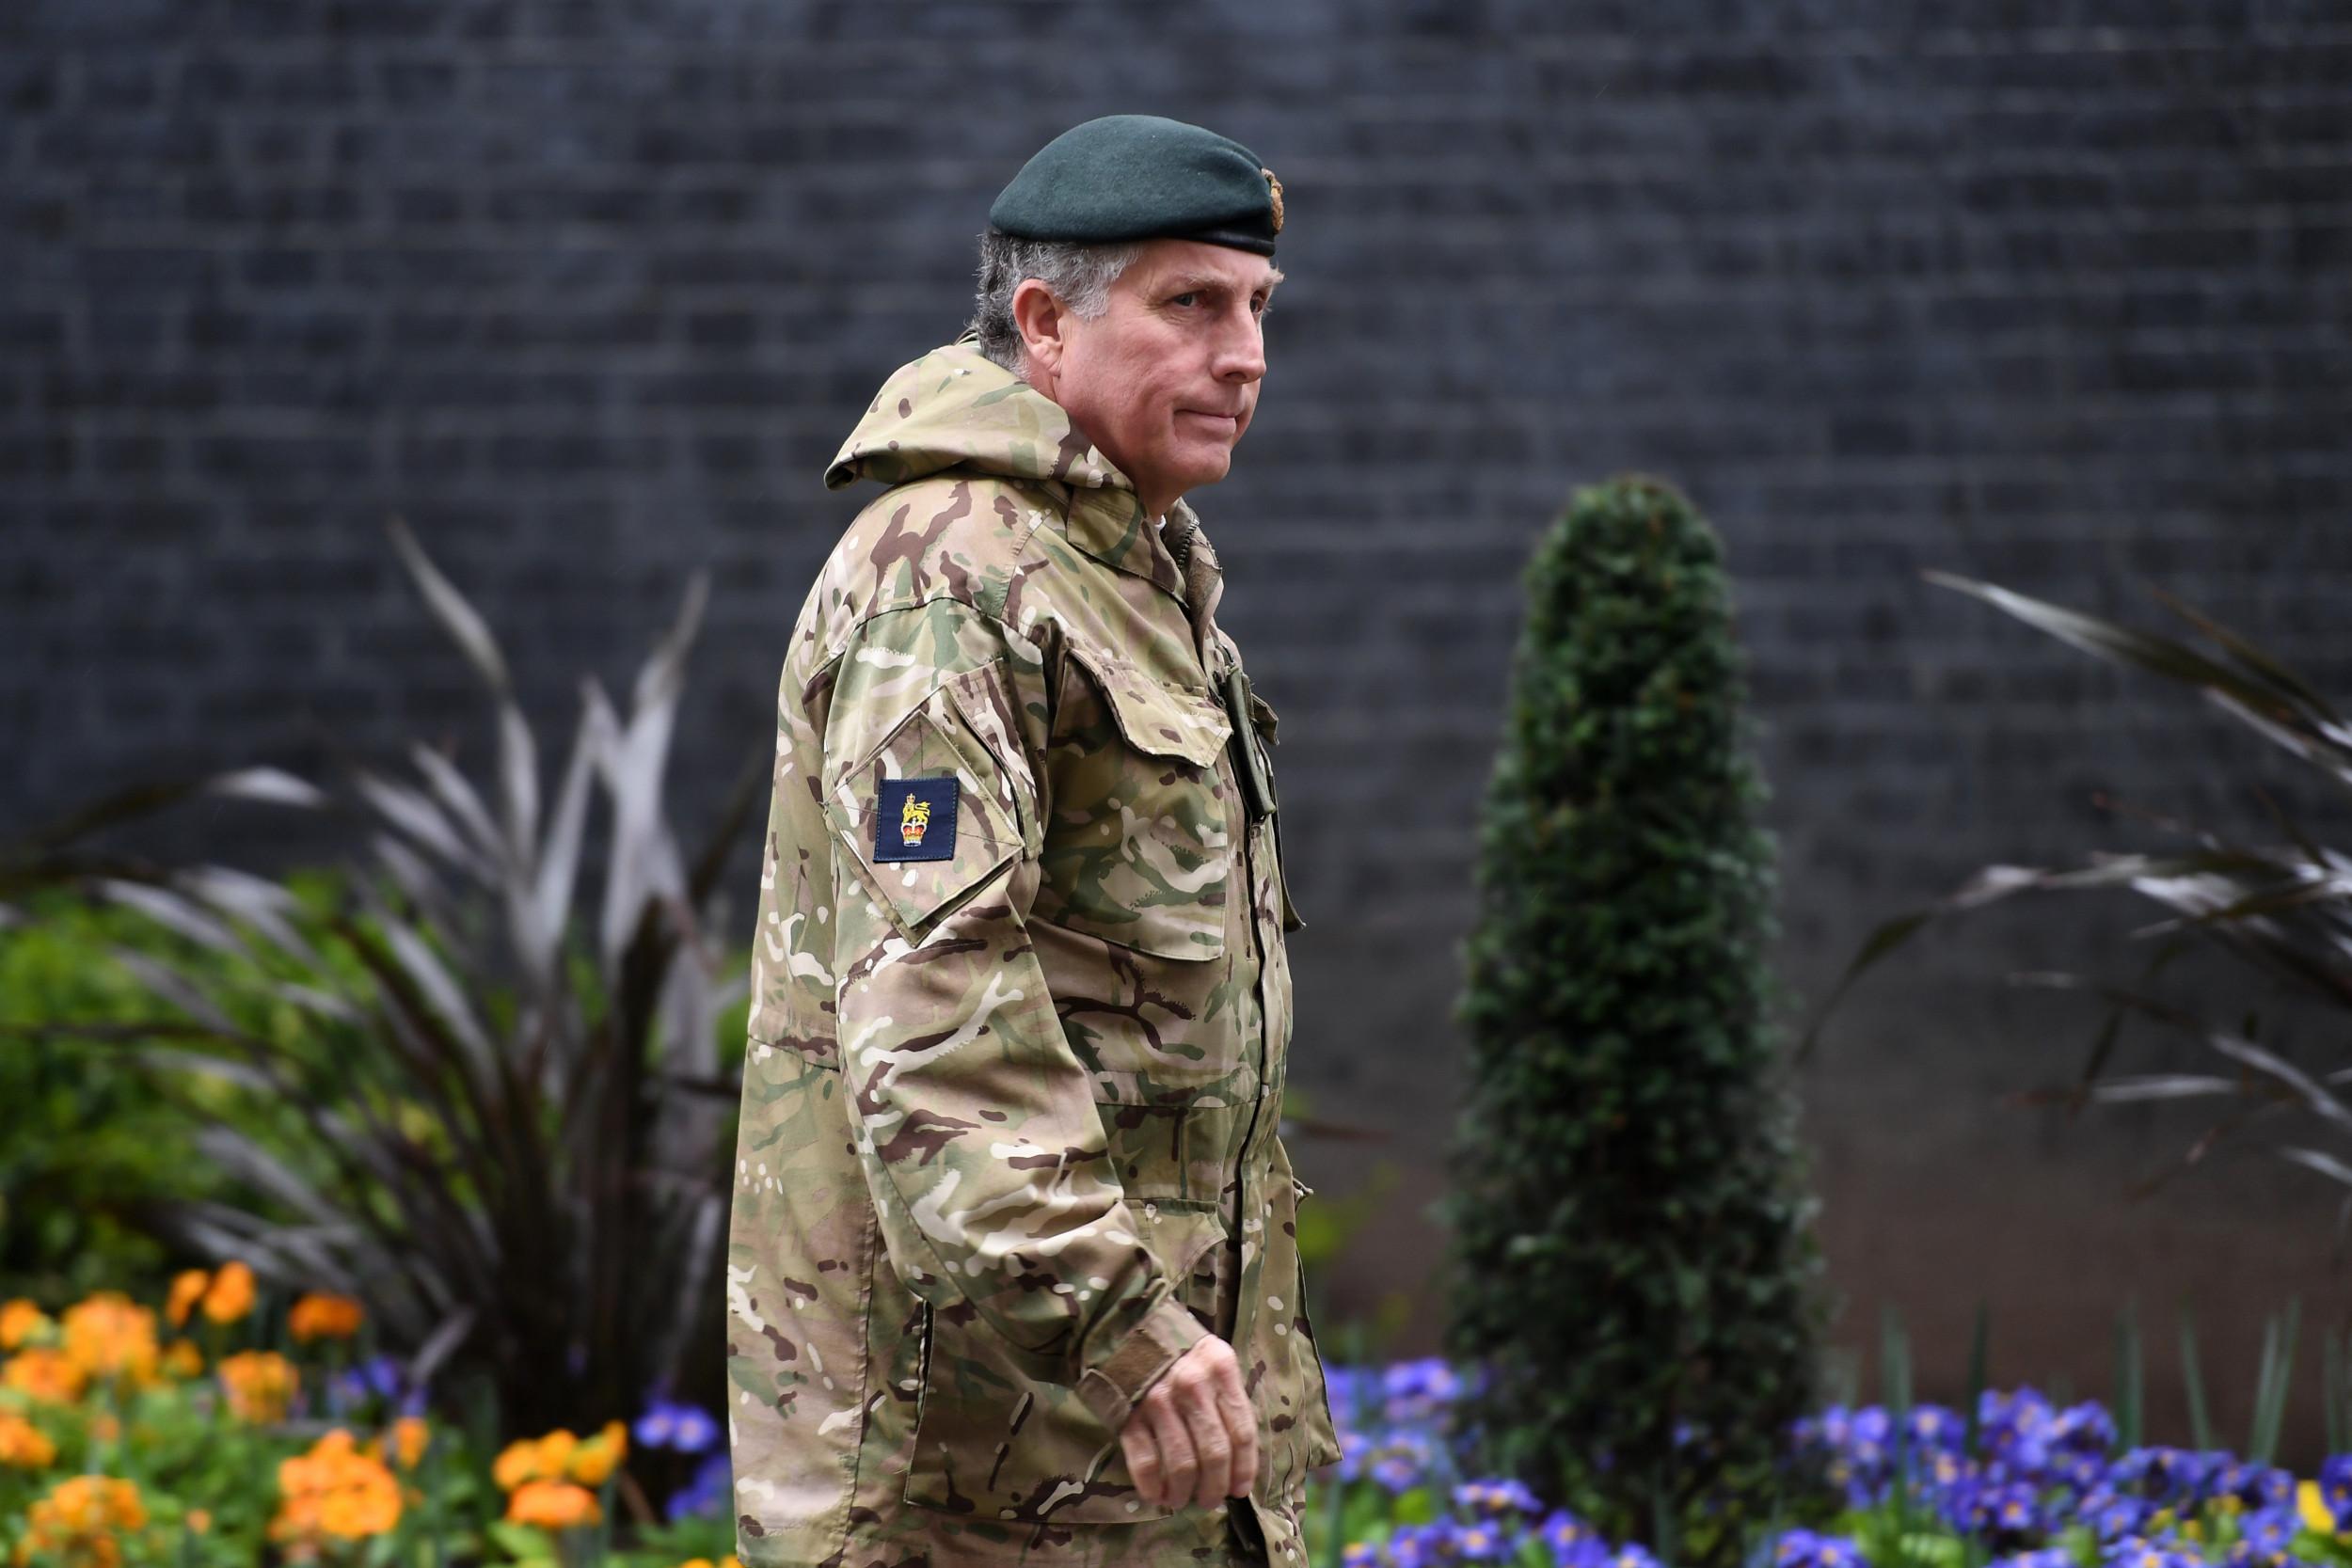 Nations on brink of World War Three amid political unrest, rising COVID deaths—U.K. defense chief